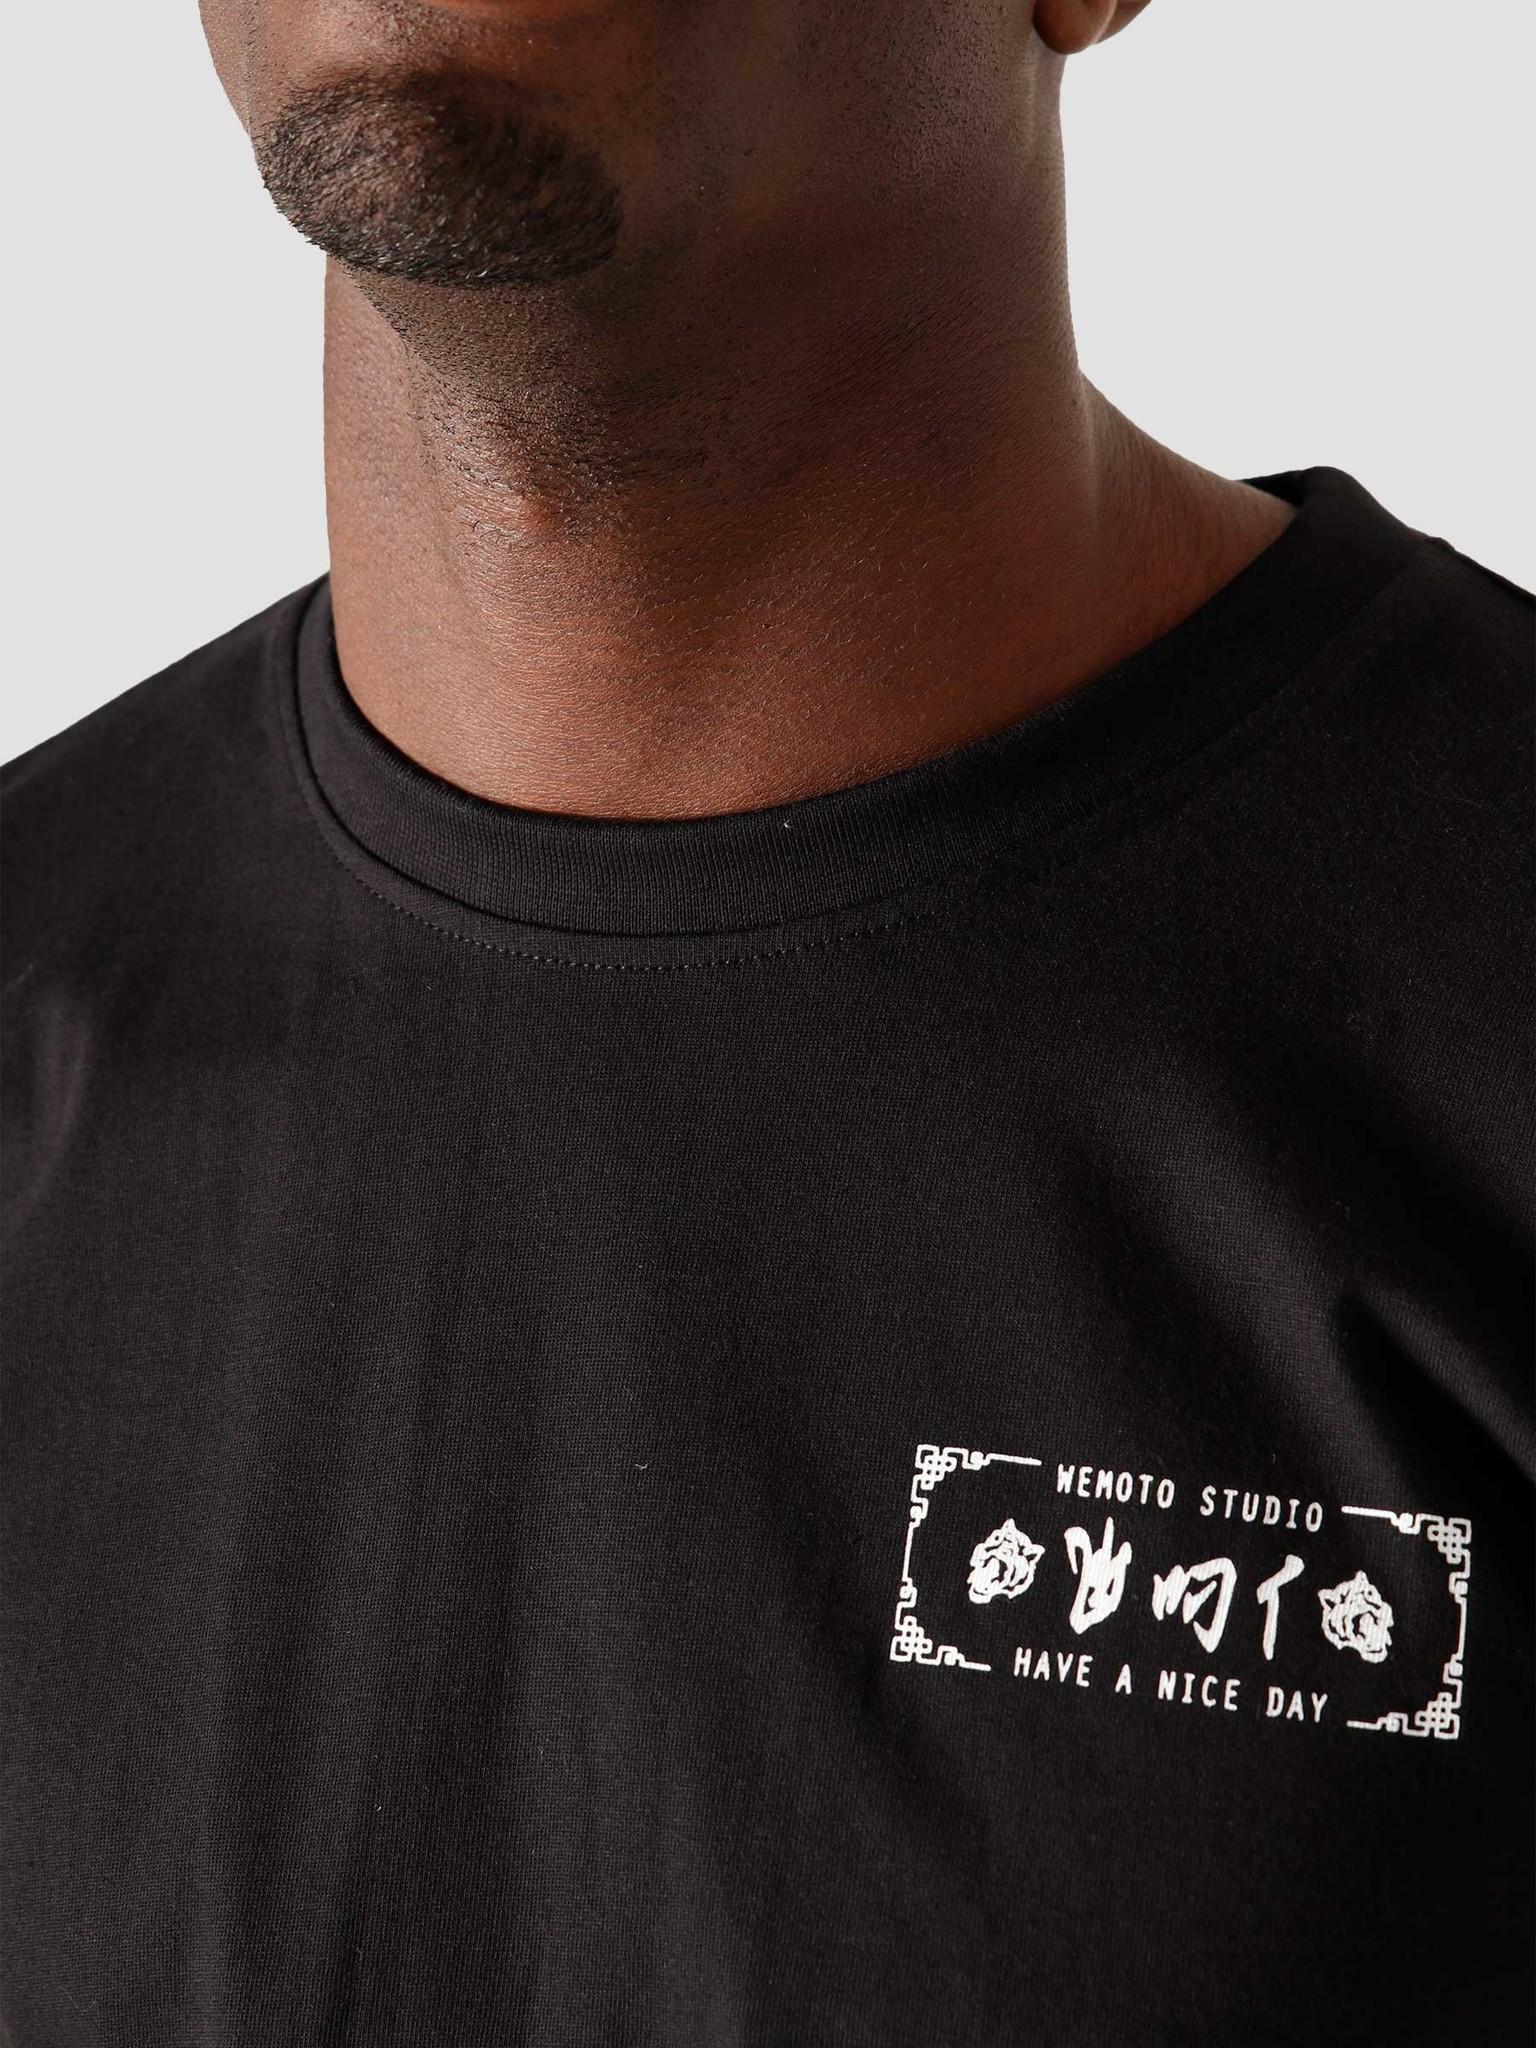 Wemoto Wemoto Bill T-Shirt Black 161.135-100